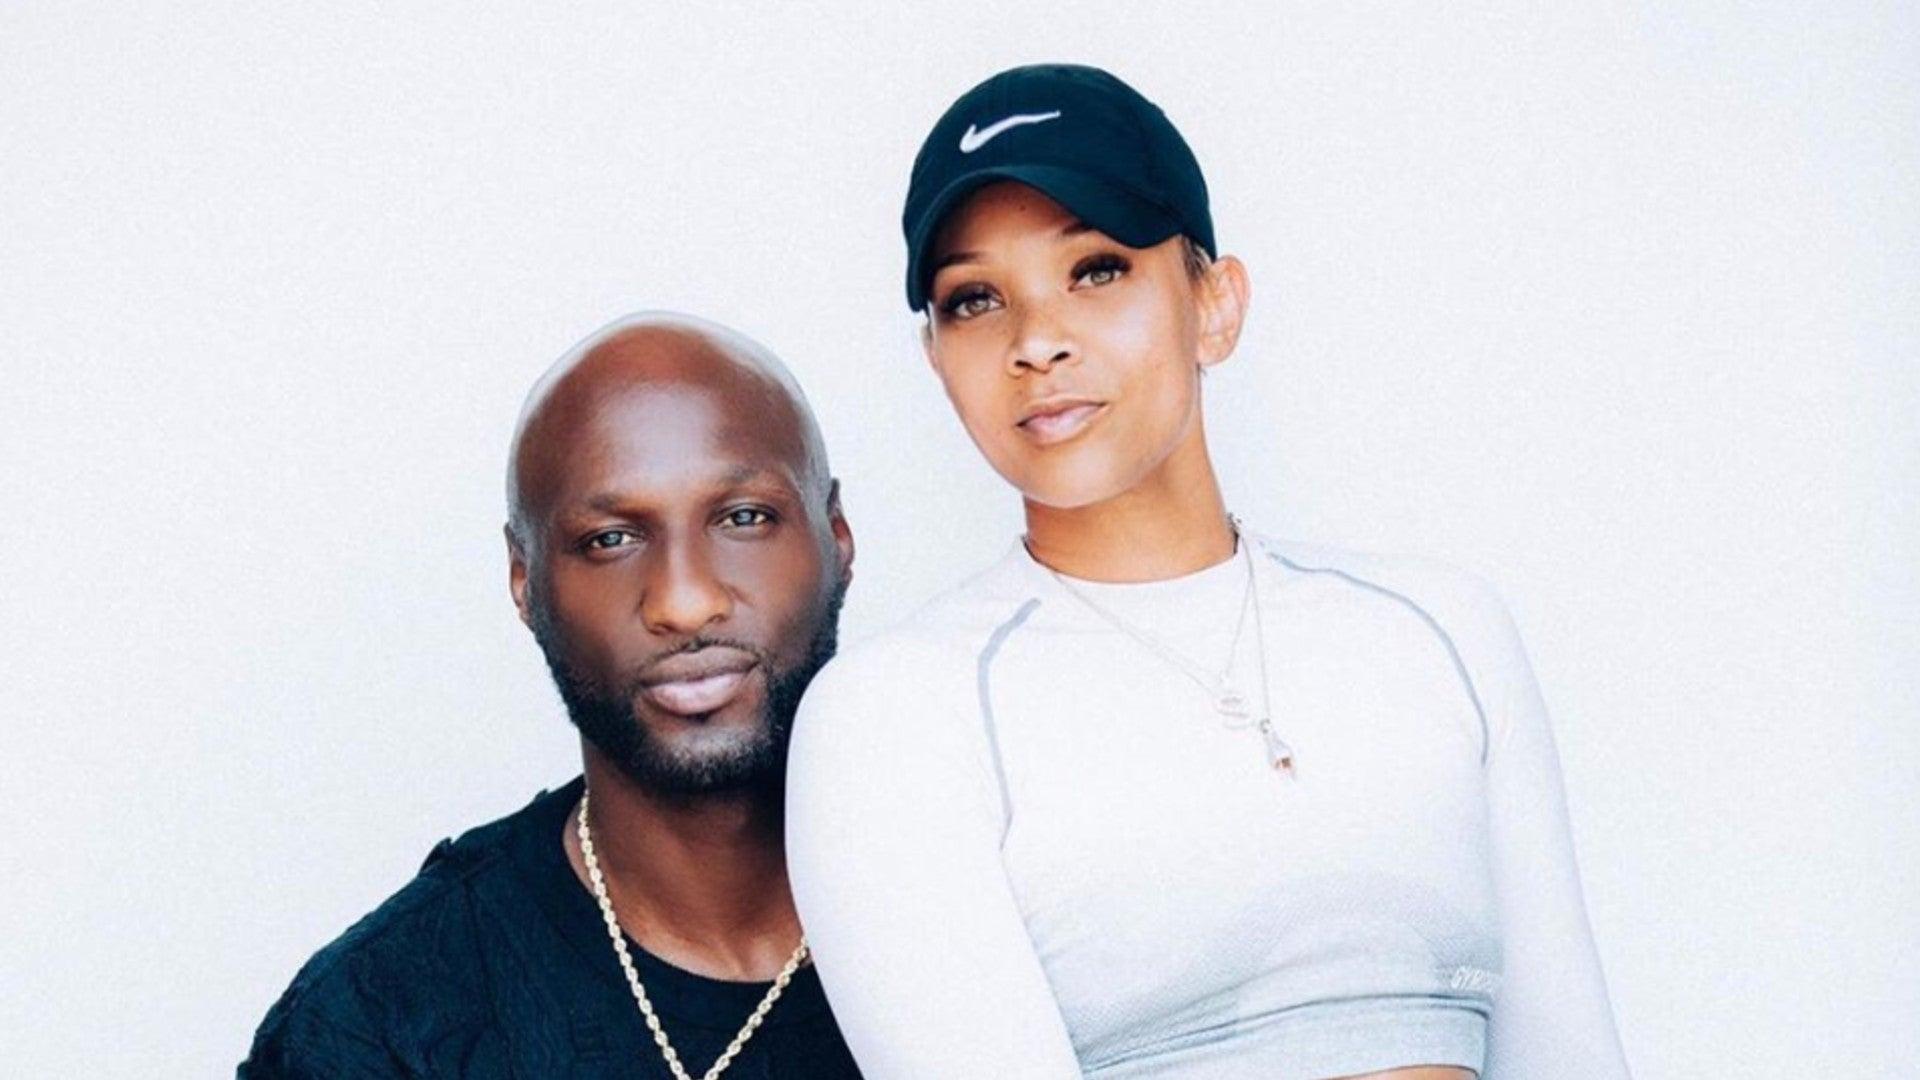 Lamar Odom's New Girlfriend Is A Bombshell